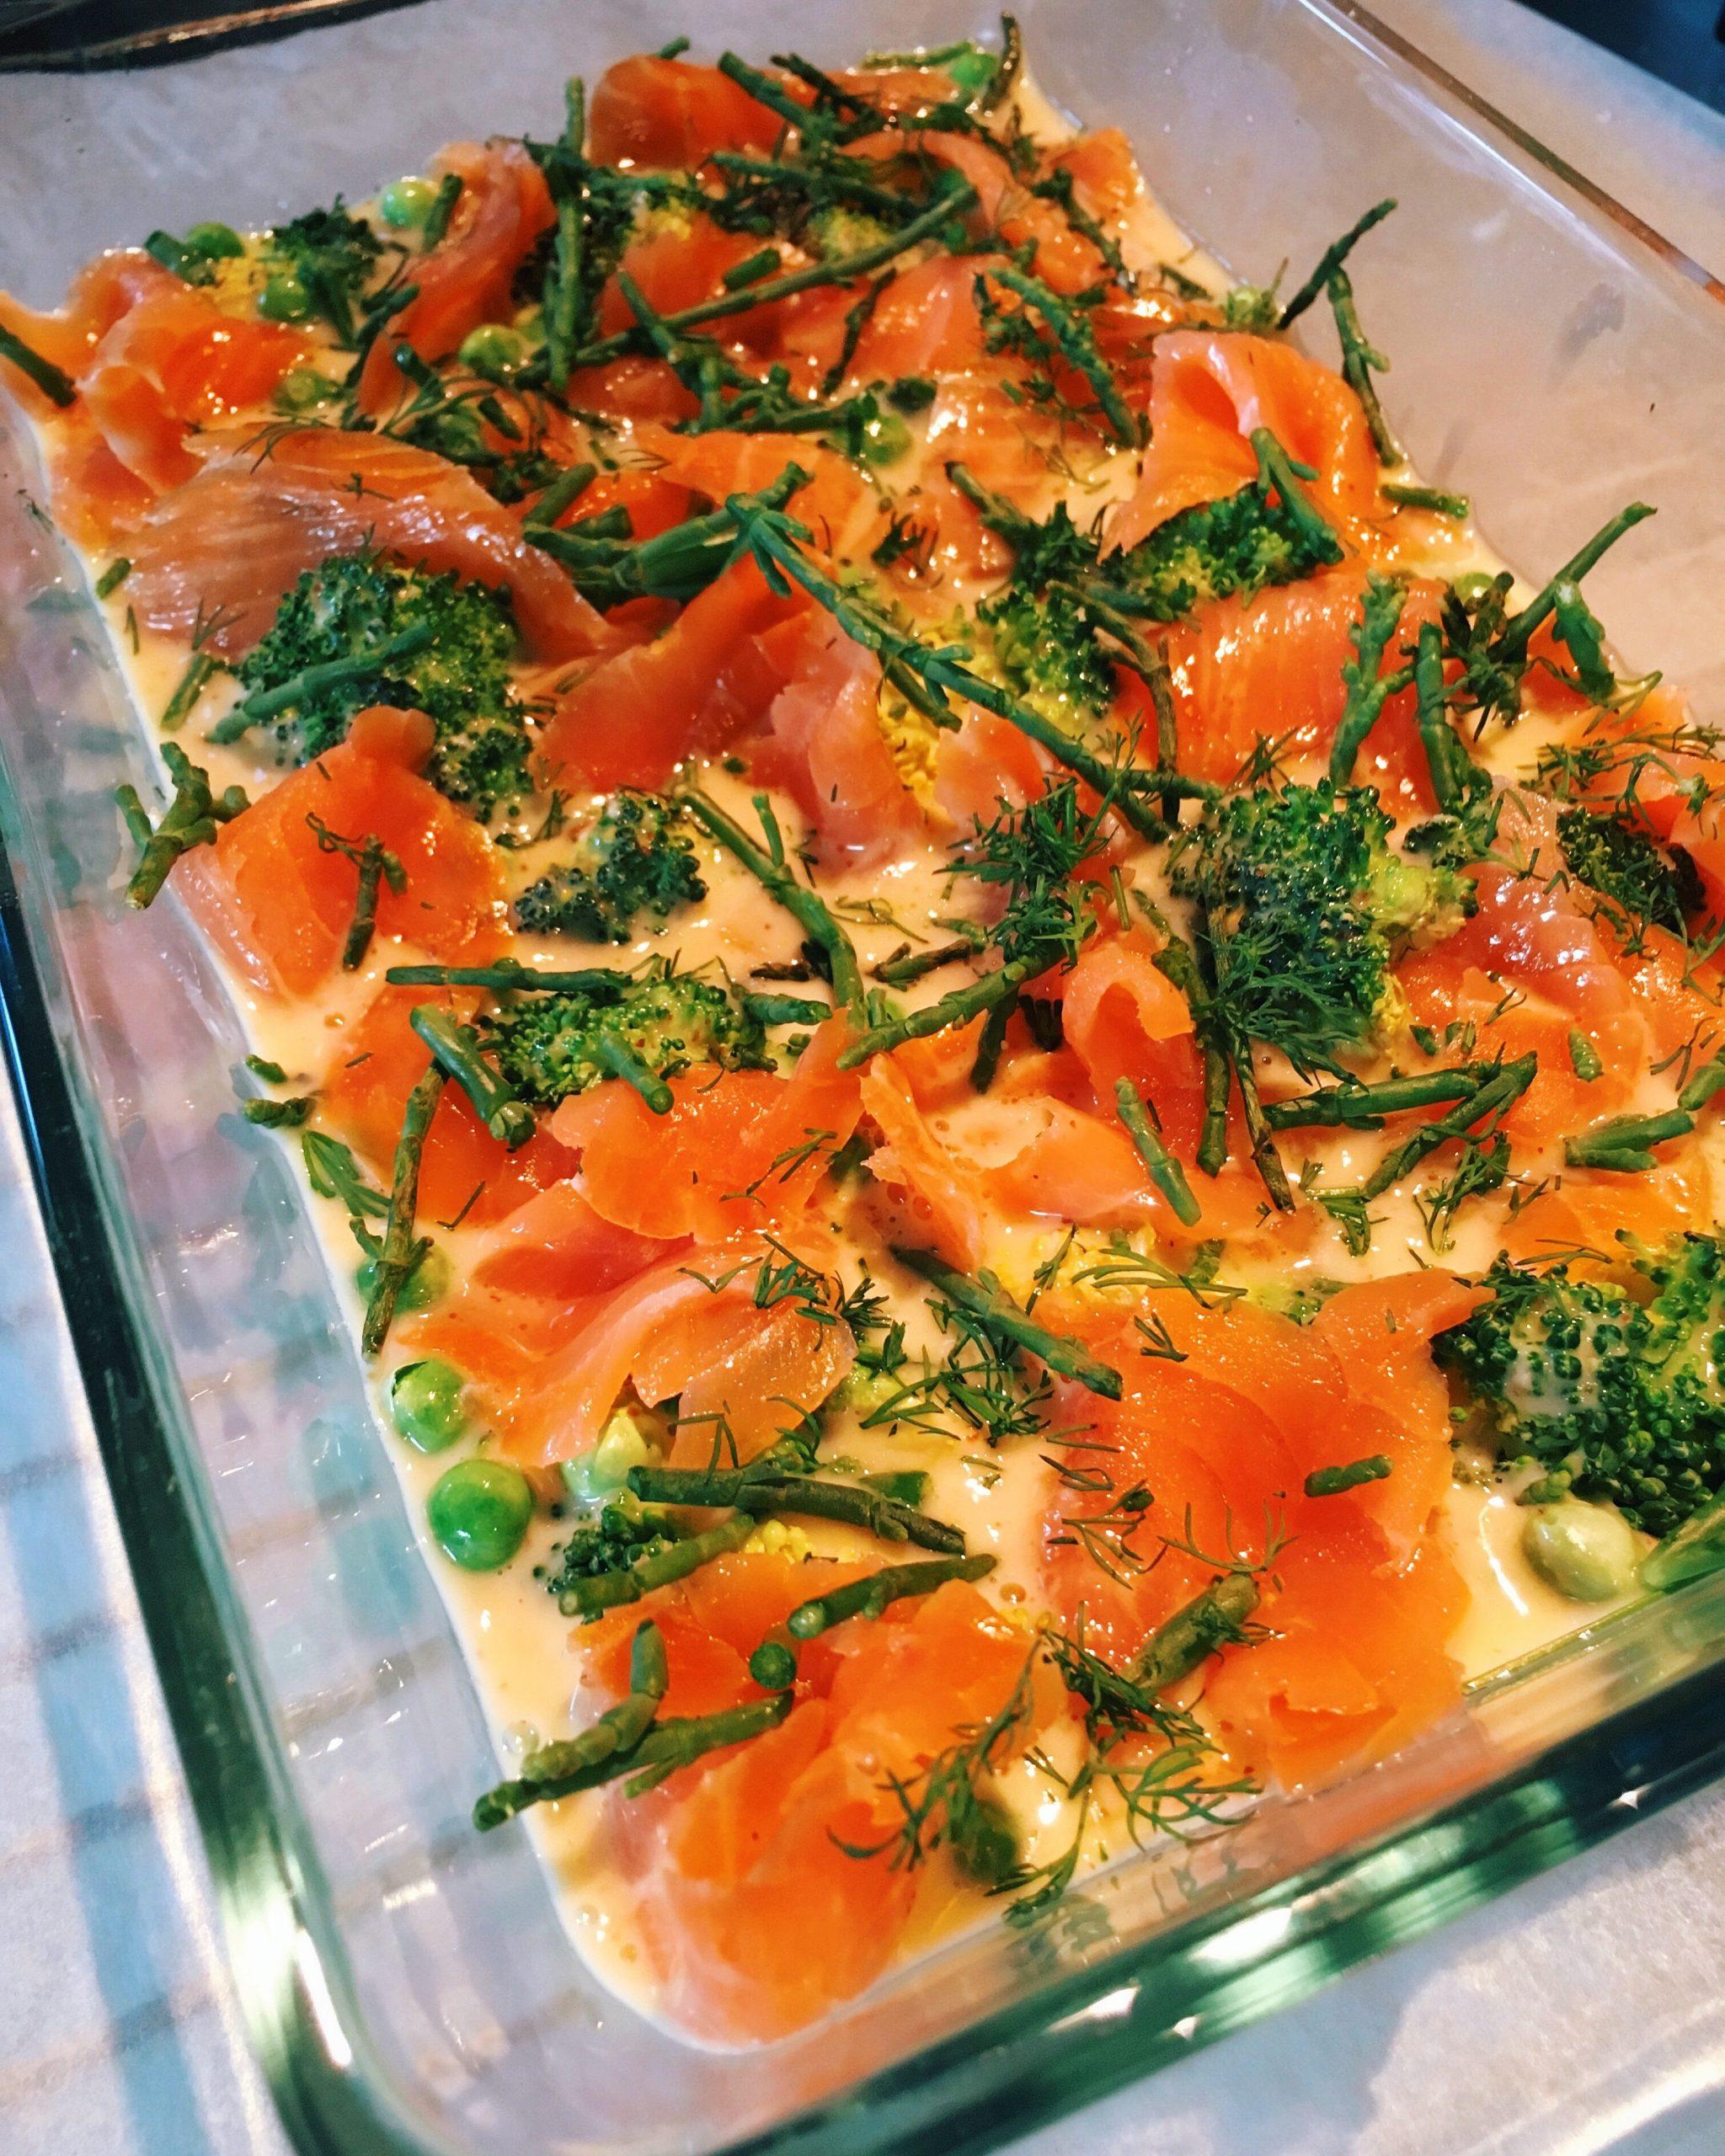 zalm quiche glutenvrij zuivelvrij recept oven